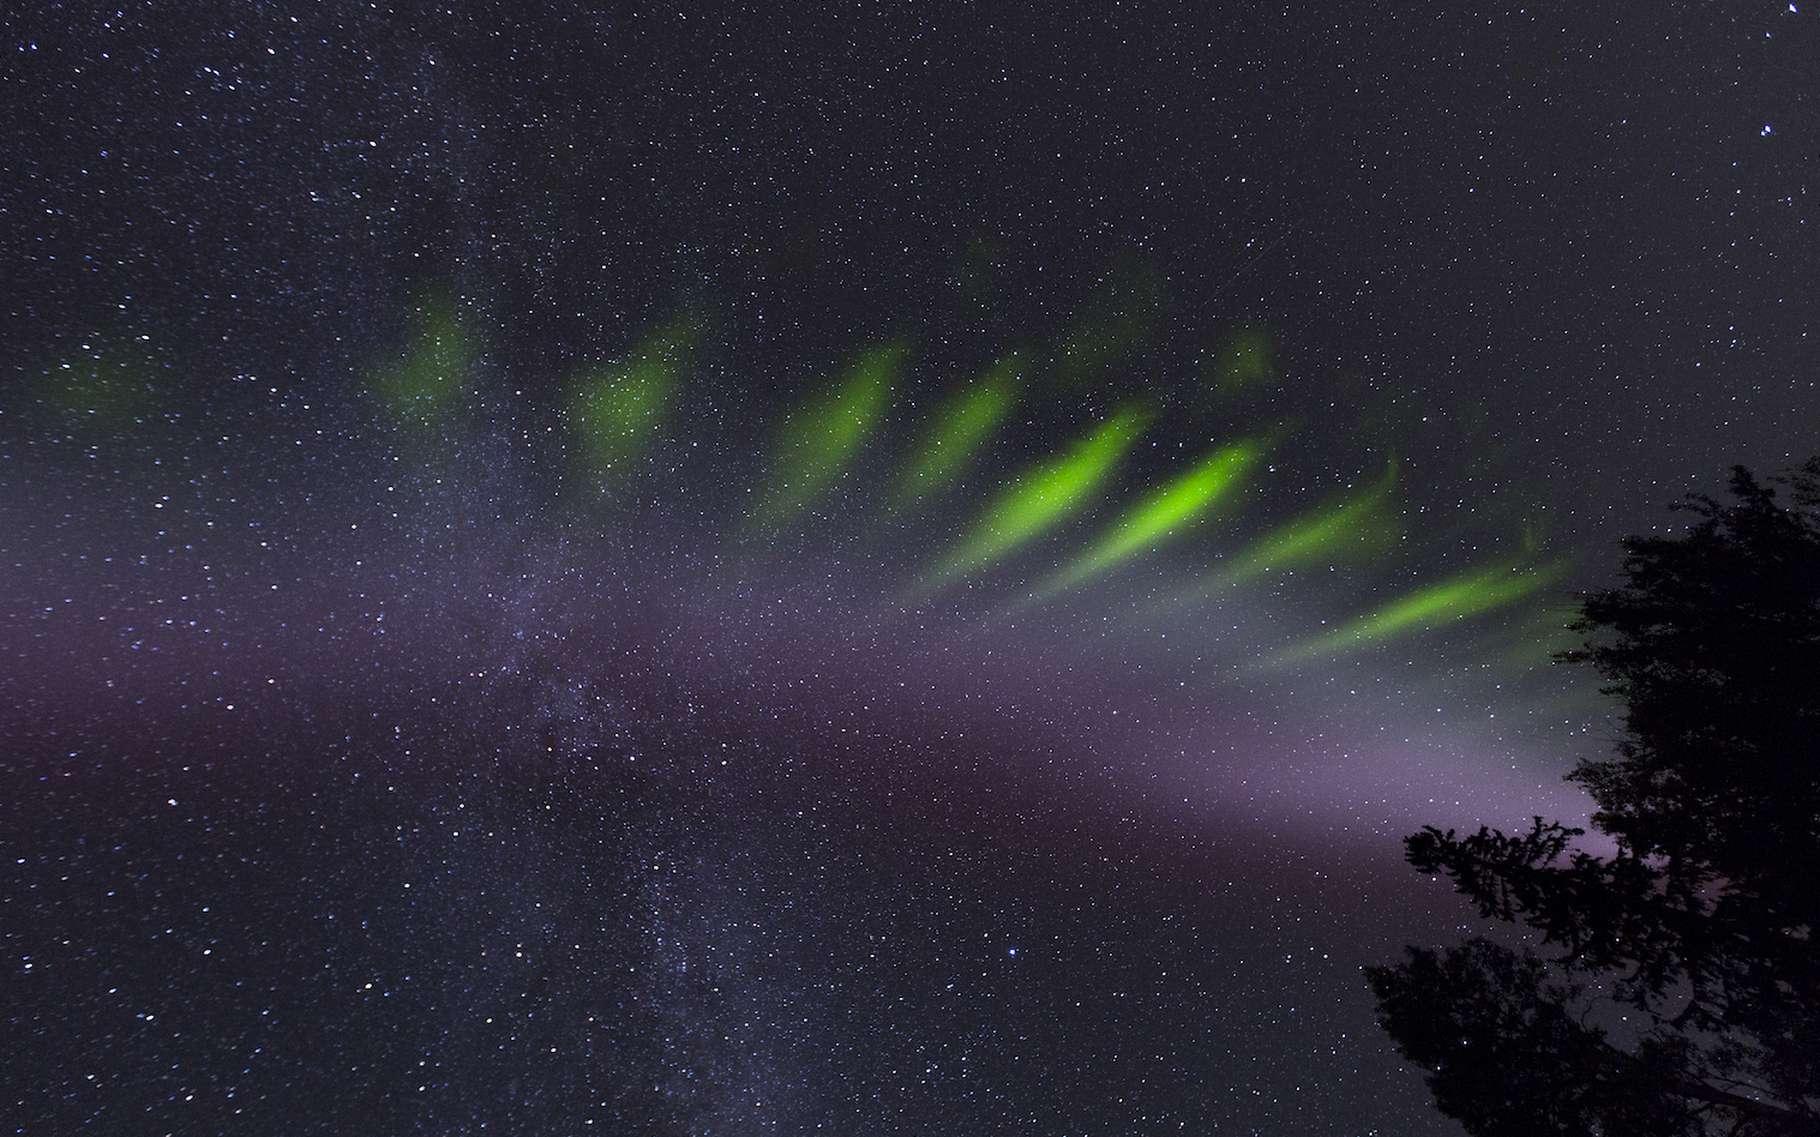 Steve, un étrange phénomène céleste a illuminé les réseaux sociaux en 2017. Des astronomes canadiens ont étudié des photographies amateurs du phénomène pour en apprendre un peu plus. © Janis Smith Photography, ESA